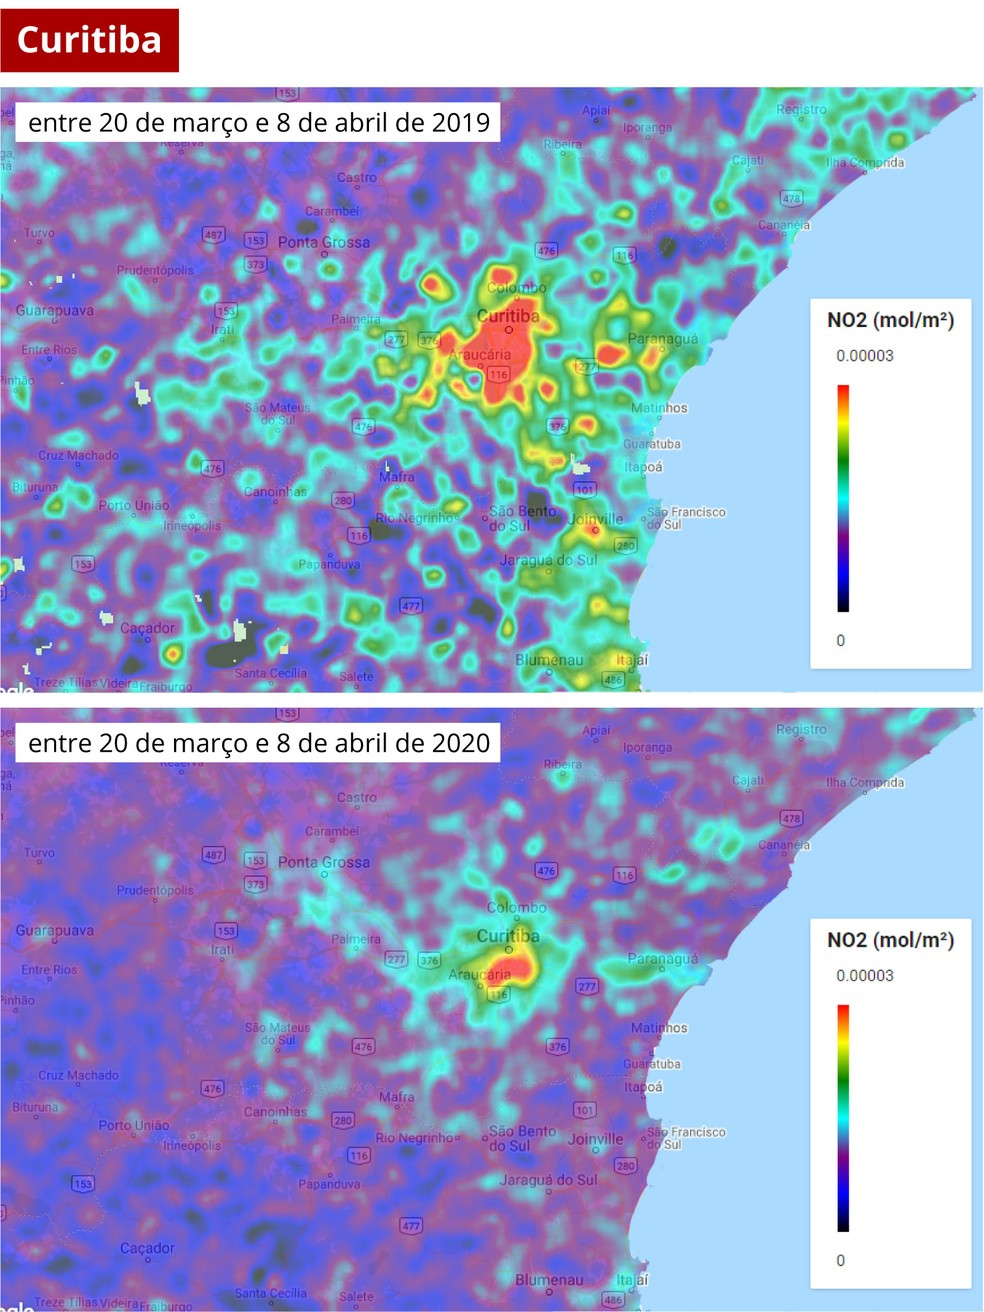 Mapa mostra poluentes em Curitiba em 2019 e 2020, quando houve redução do trânsito por causa da Covid-19 — Foto: Diego Hemkemeier Silva/Divulgação/ Via G1